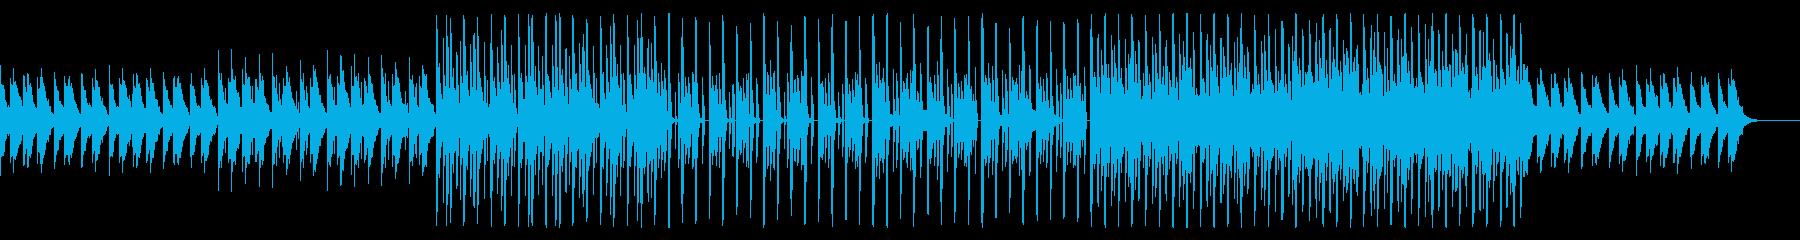 レトロな雰囲気の寂しげなテクノBGMの再生済みの波形